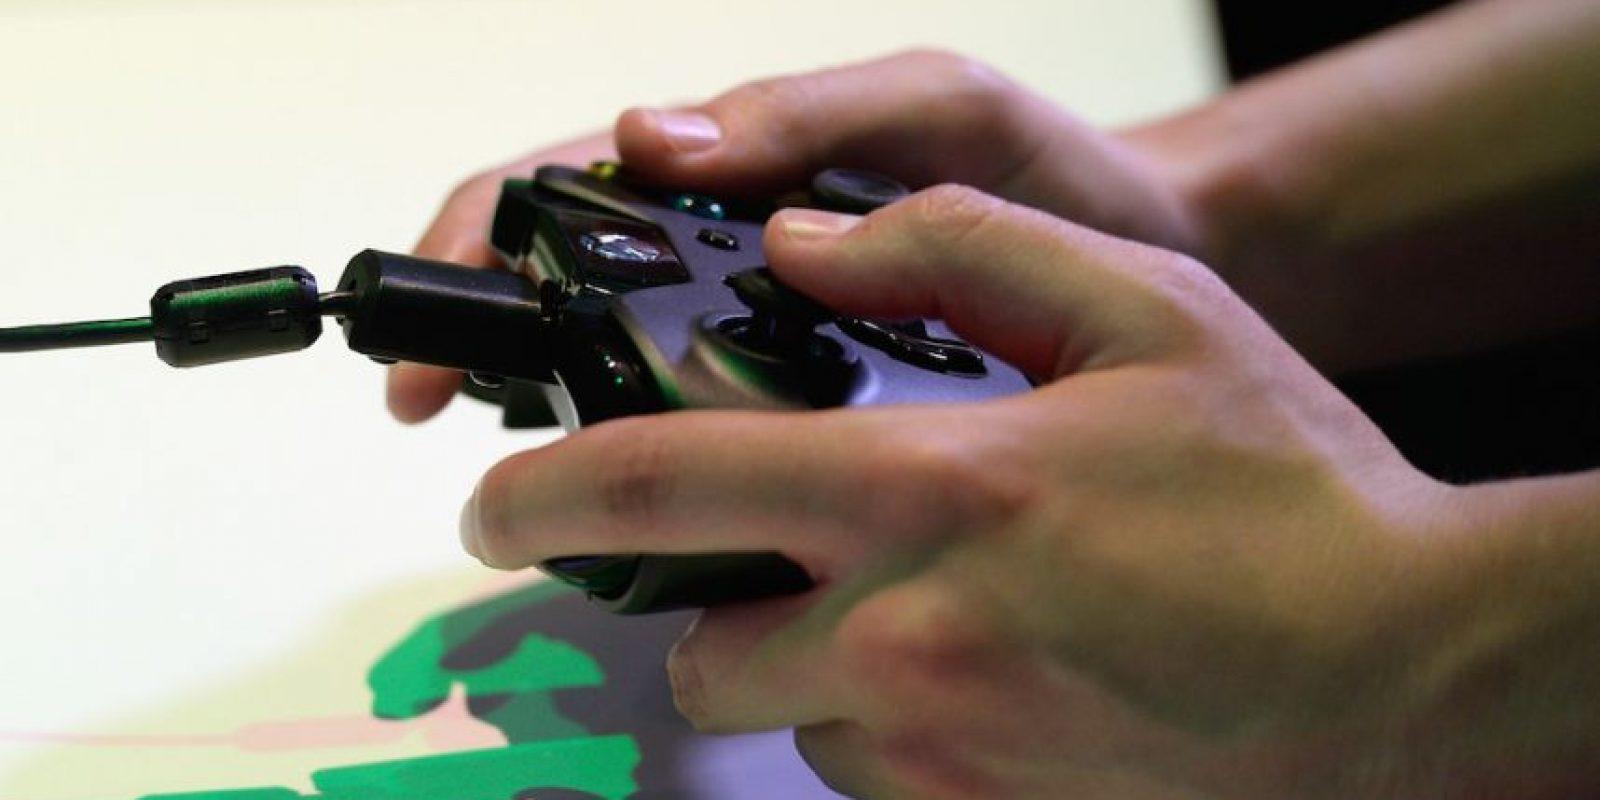 Microsoft corrigió y finalmente señaló que la conexión permanente a Internet no era necesaria. Foto:Getty Images